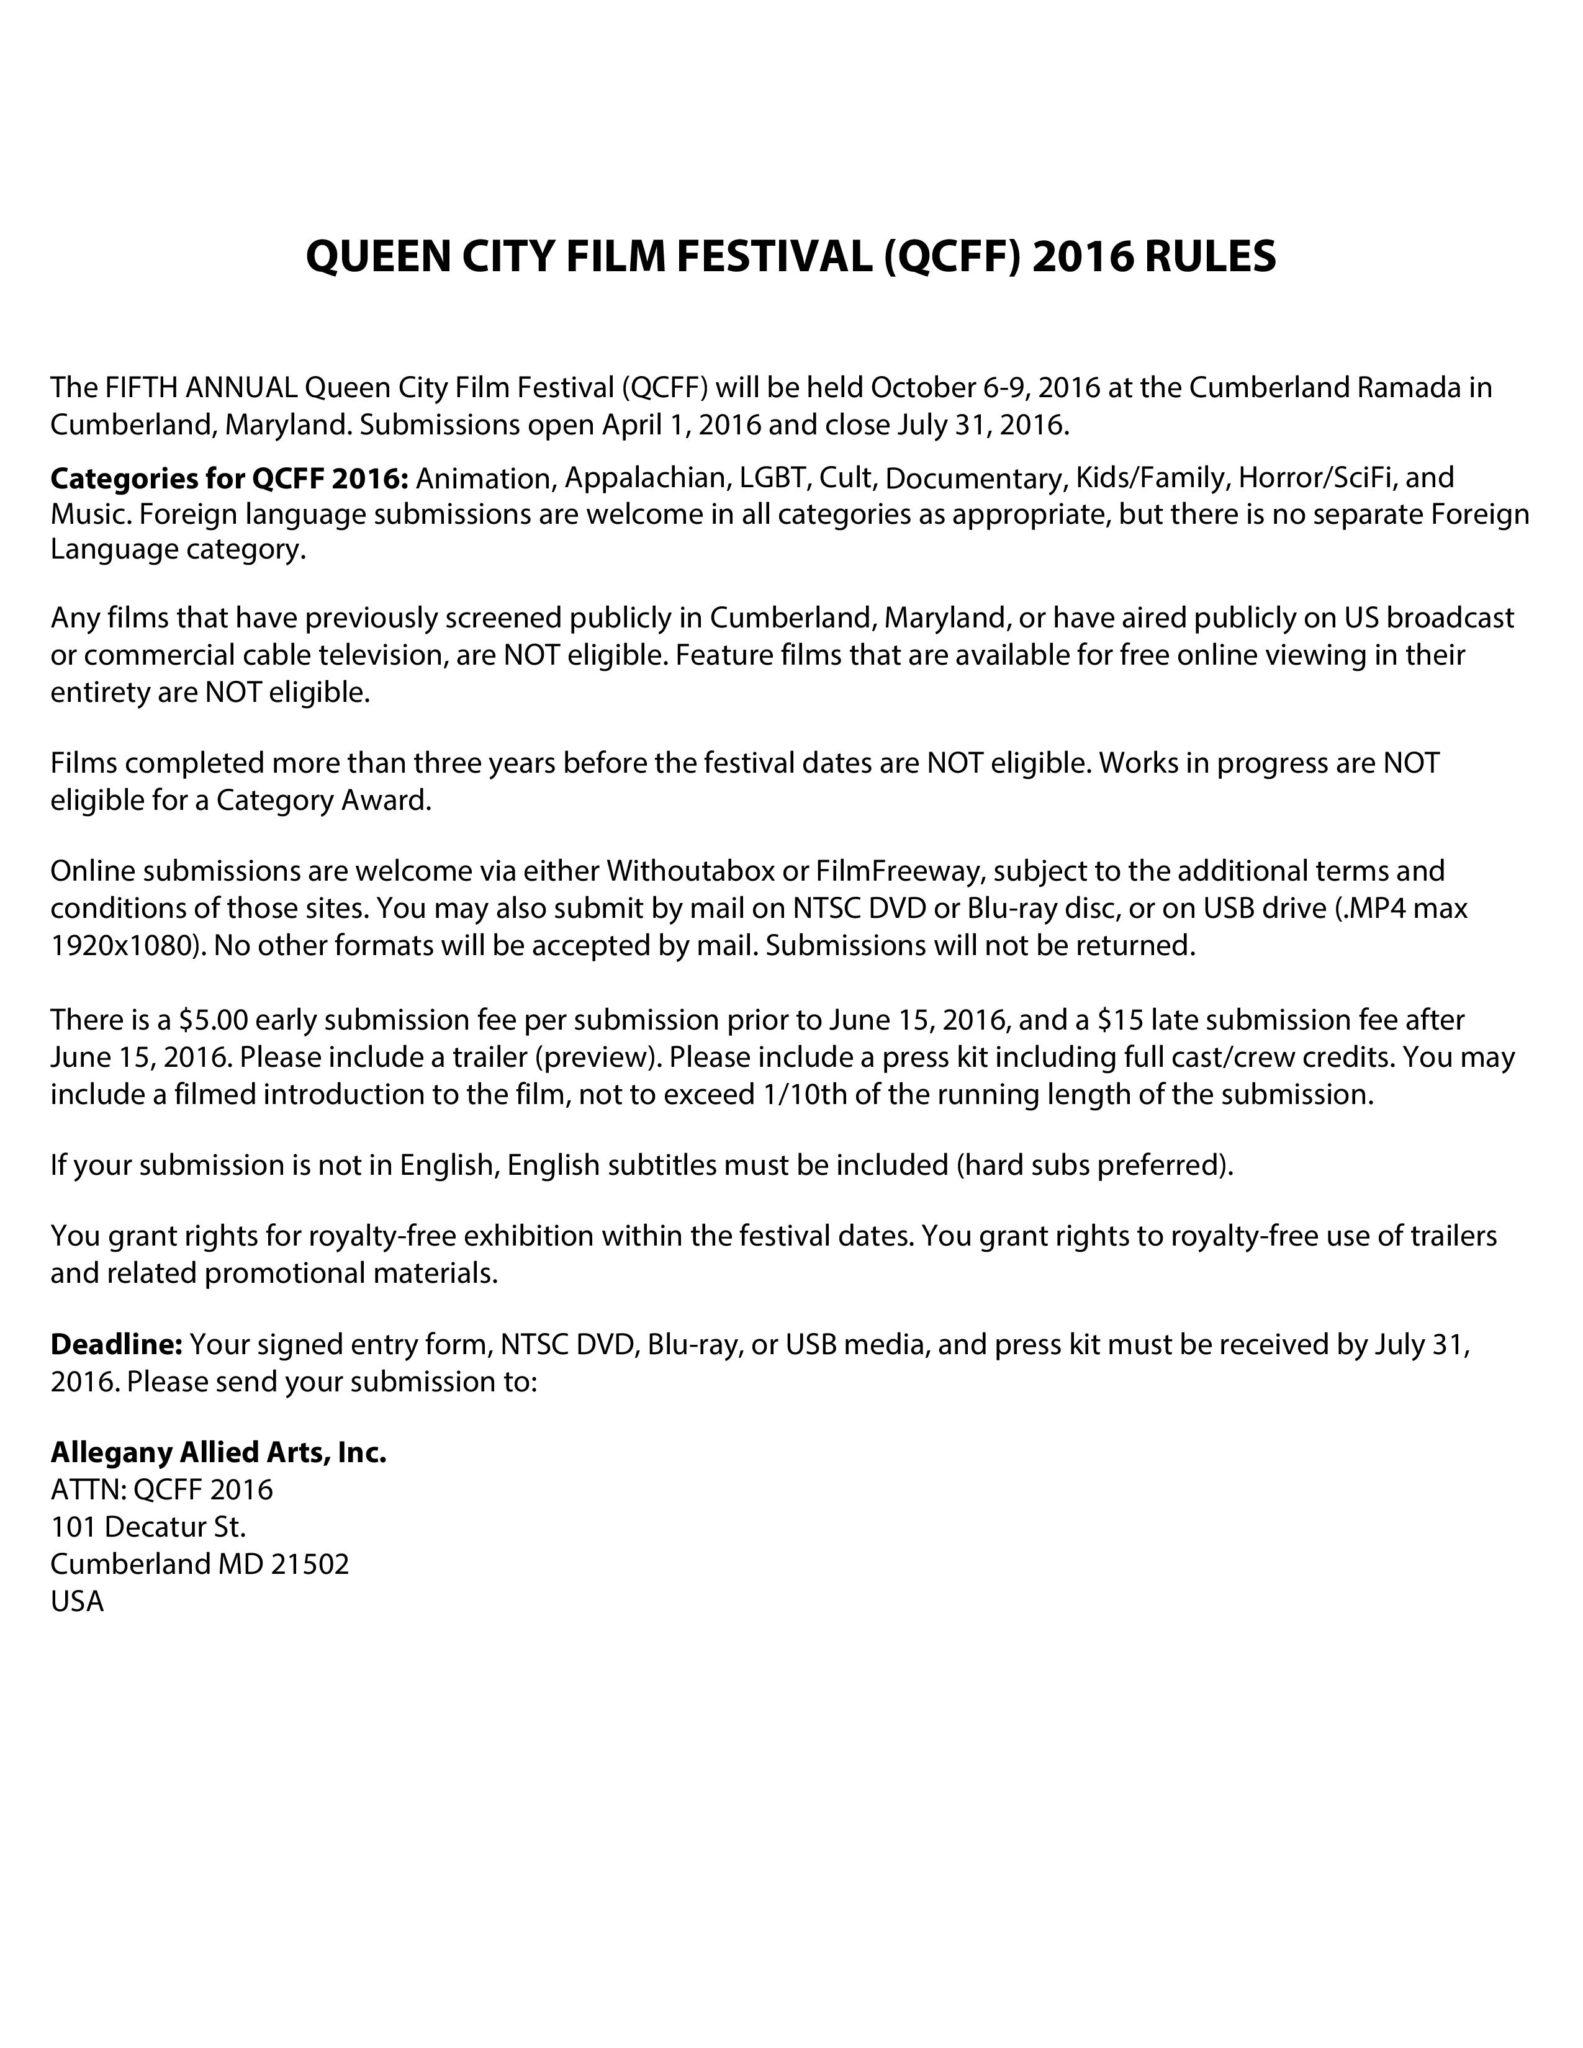 QCFF 2016 Rules